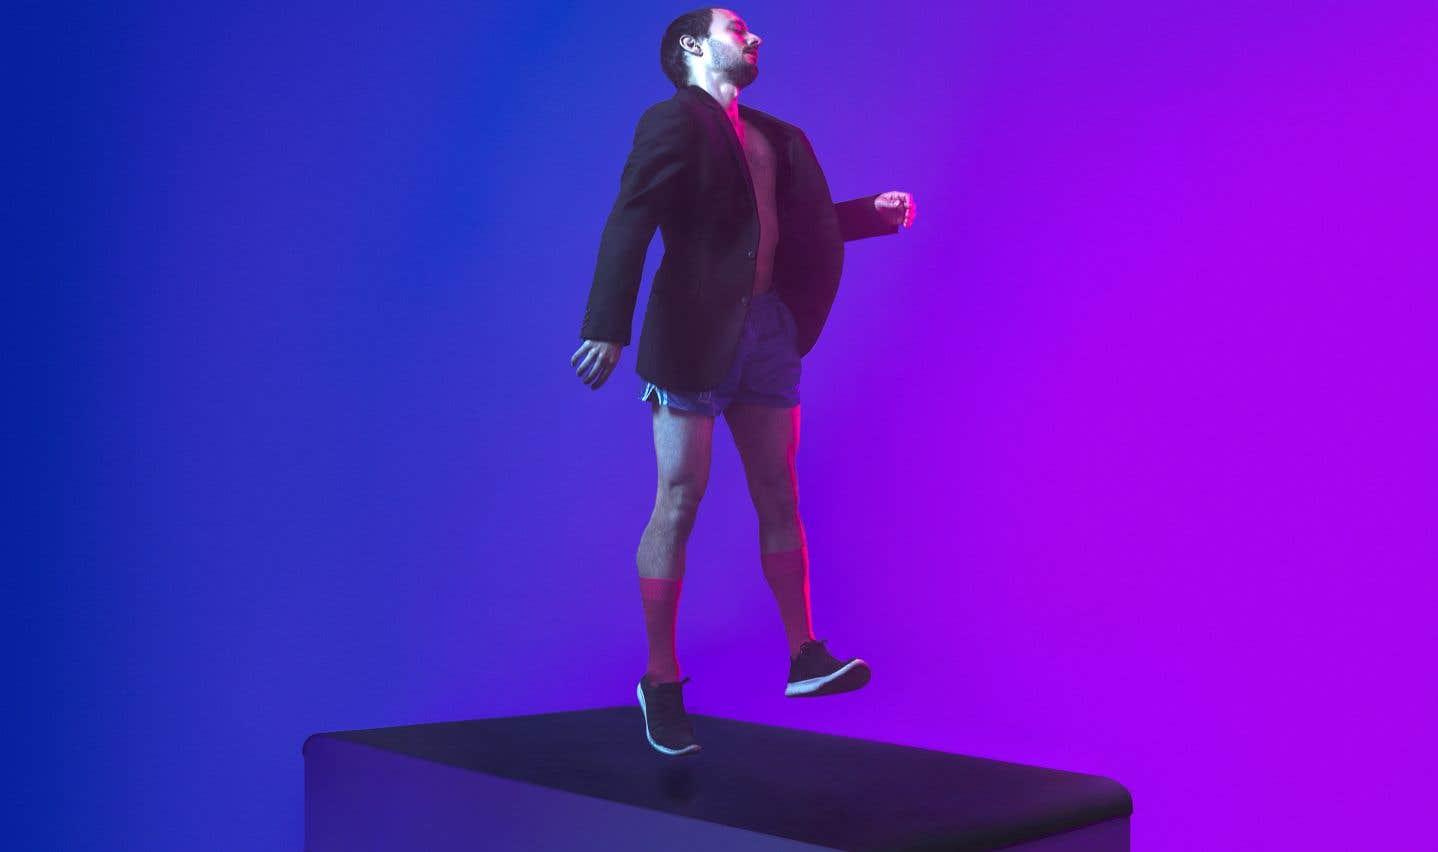 Qui d'autre que Manuel Roque pourrait incarner le joggeur compulsif que Jacques Poulin-Denis poussera à l'essoufflement dans «Running Piece»? L'interprète se frotte à une nouvelle épreuve d'endurance en se lançant dans une course effrénée sur un tapis roulant.